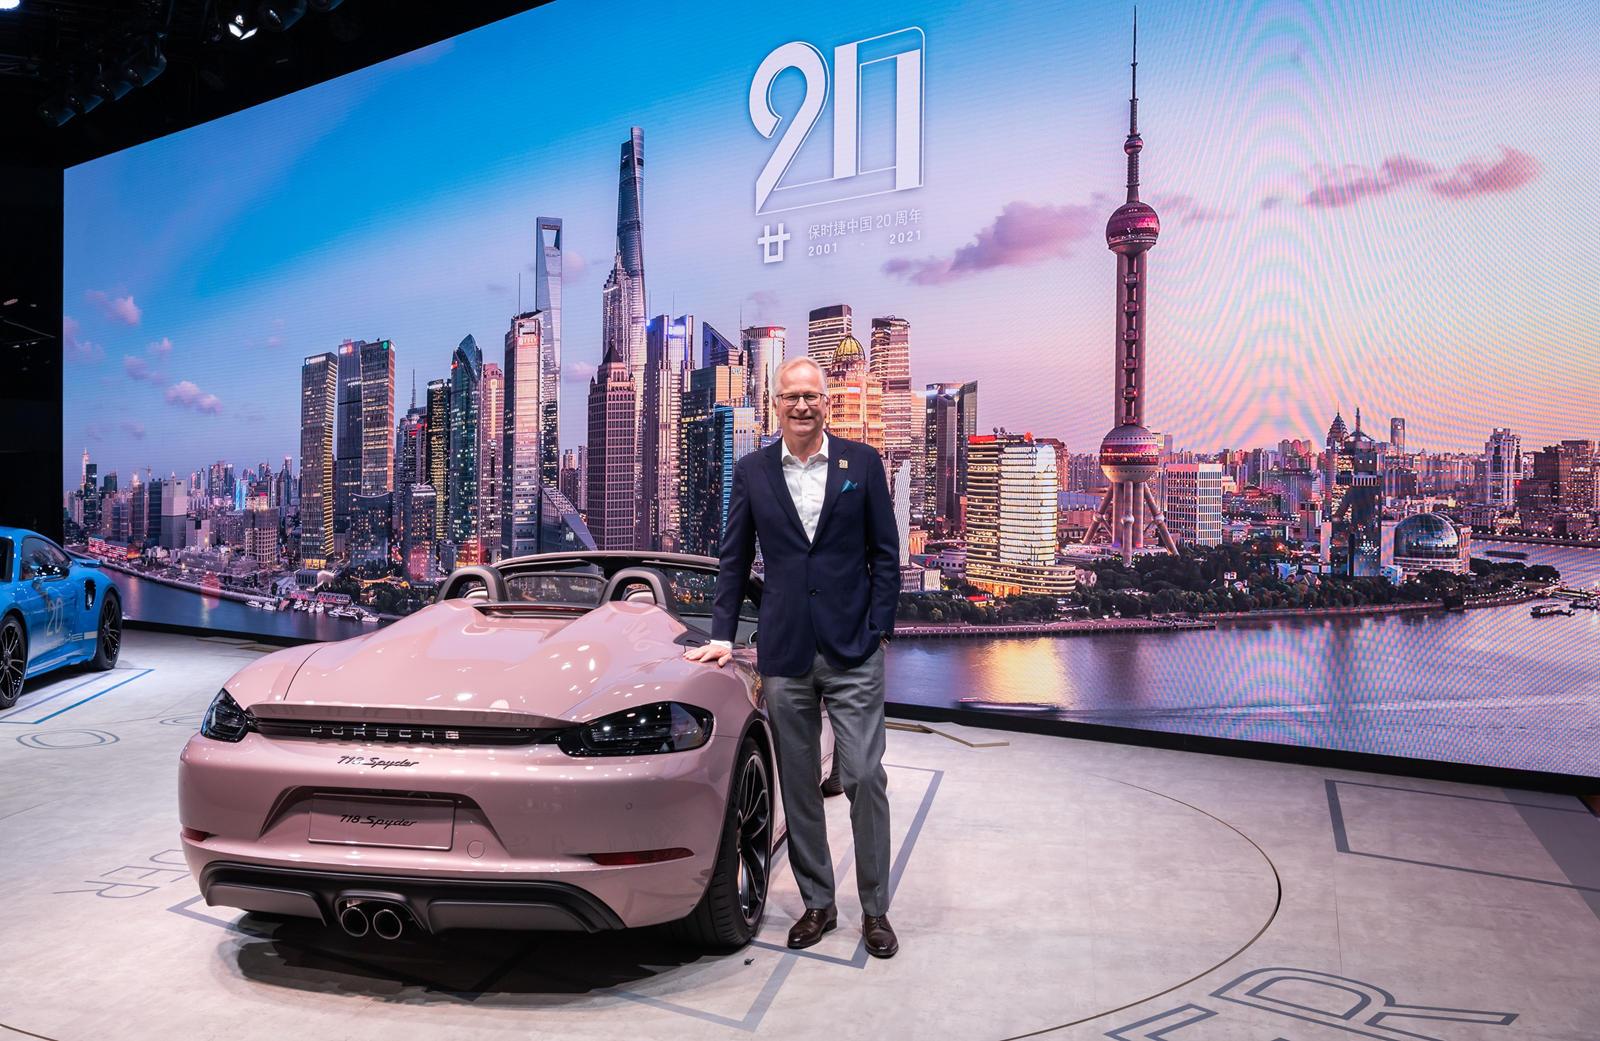 Поскольку это только улучшения внешнего вида, 911 Turbo S не получил никаких обновлений производительности, но стандартный автомобиль уже обладает достаточной мощностью благодаря 3,8-литровому твин турбо двигателю мощностью 640 лошадиных сил и 800 Нм